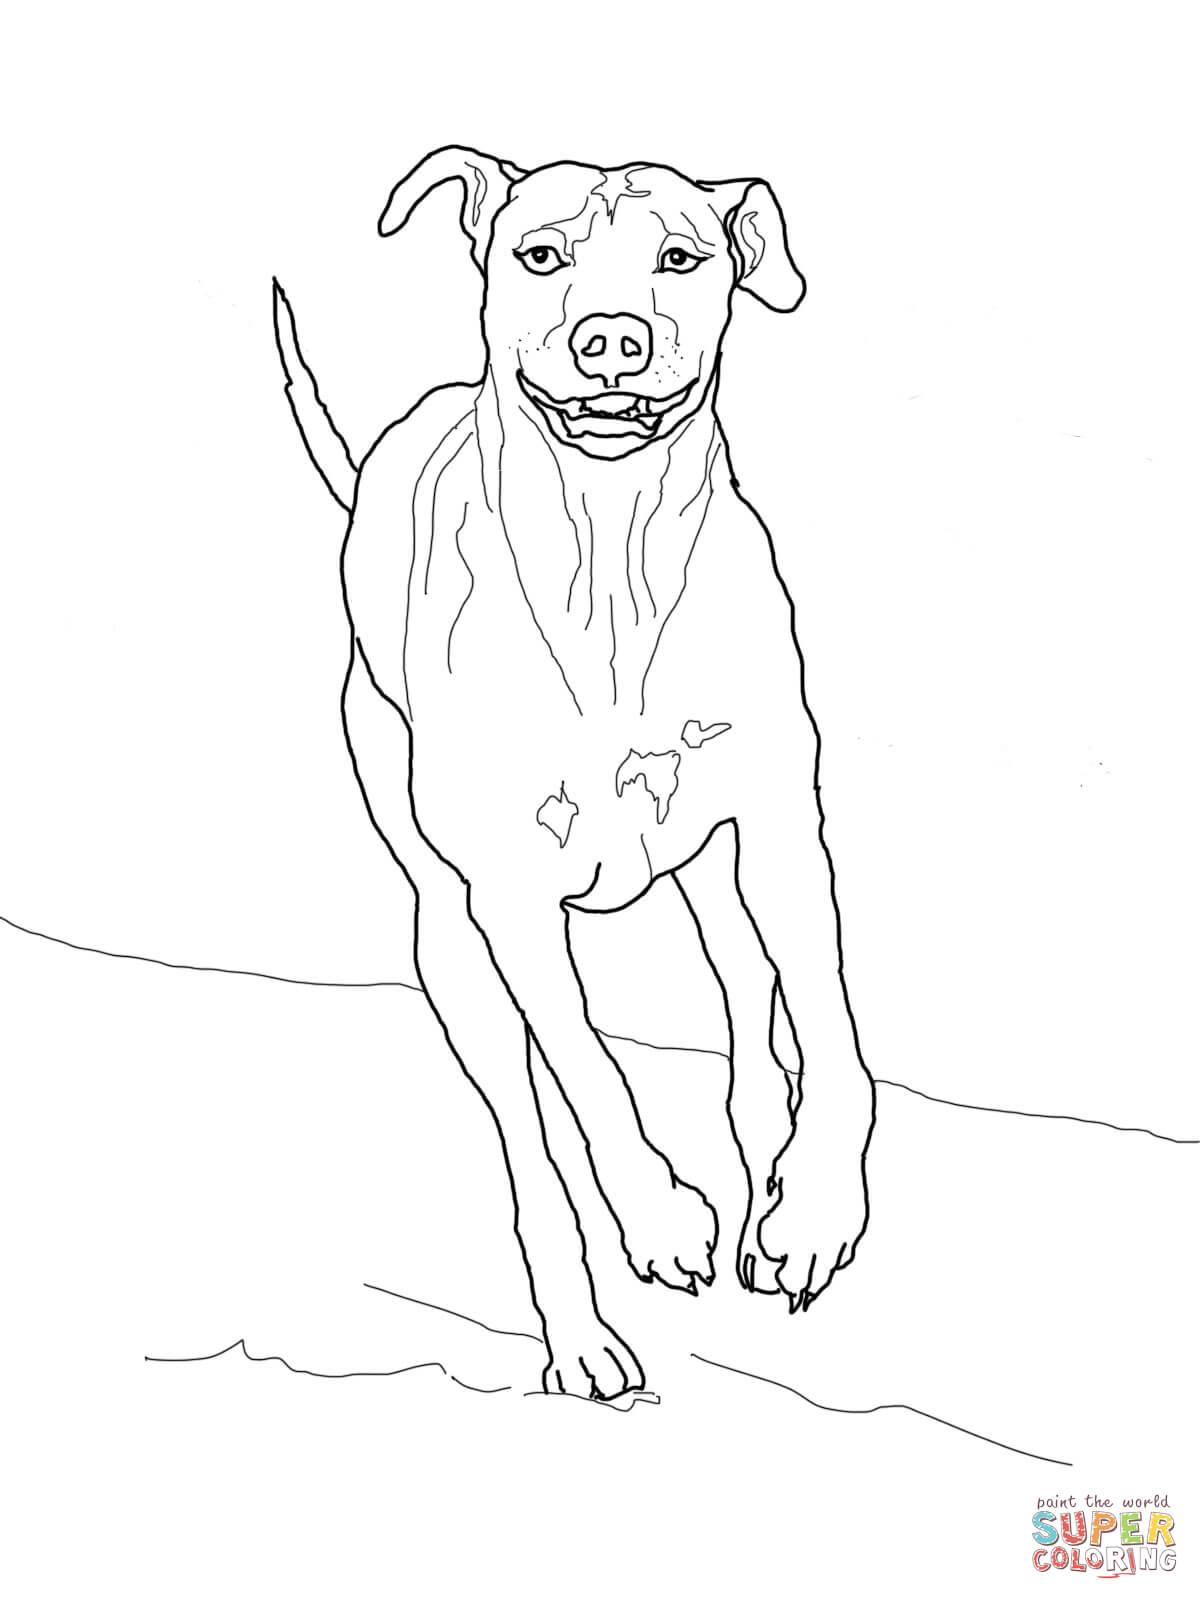 Weimaraner coloring download weimaraner coloring for Weimaraner coloring pages